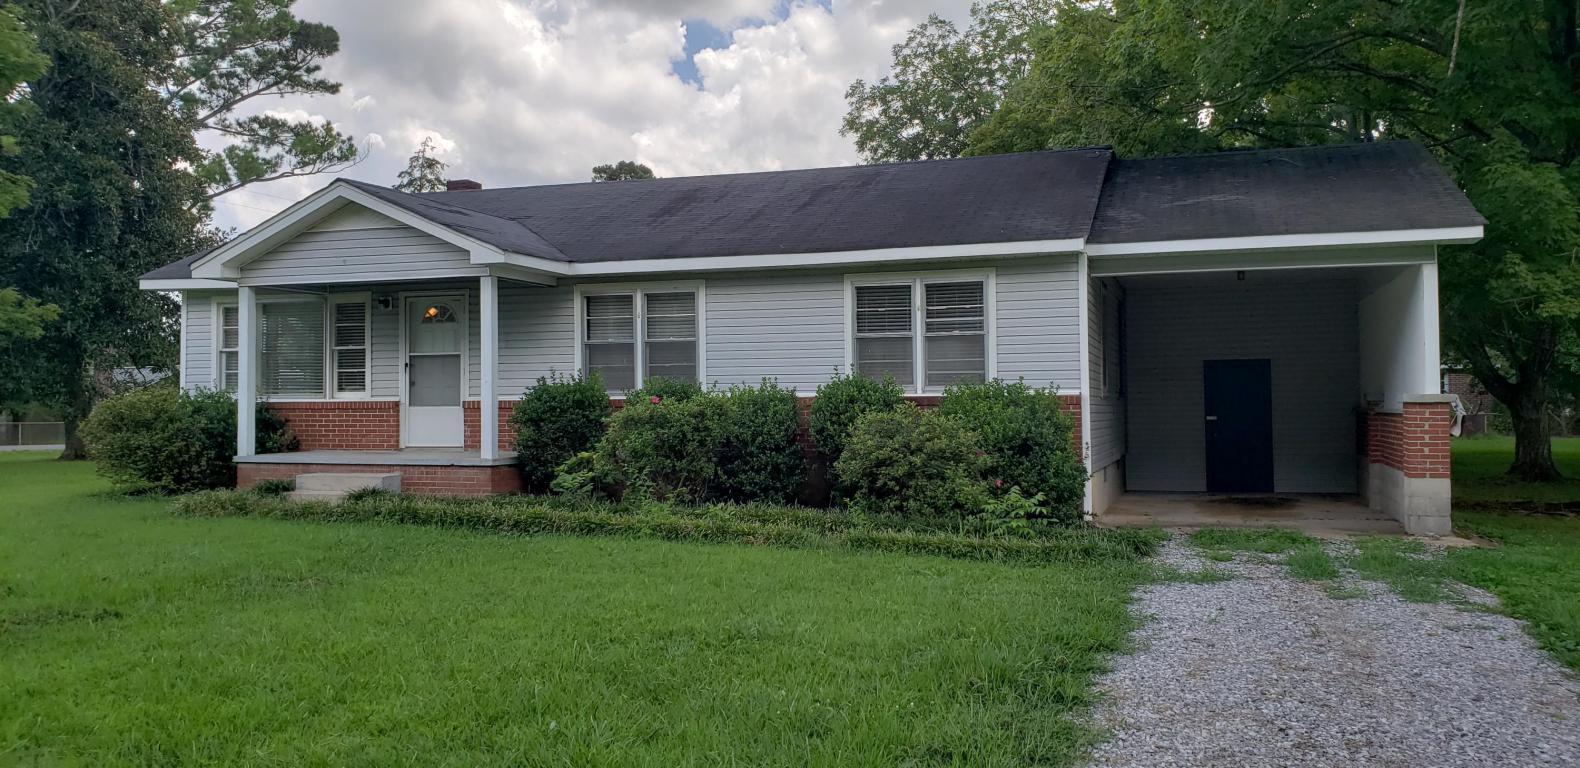 466 Poplar St, Trenton, GA 30752